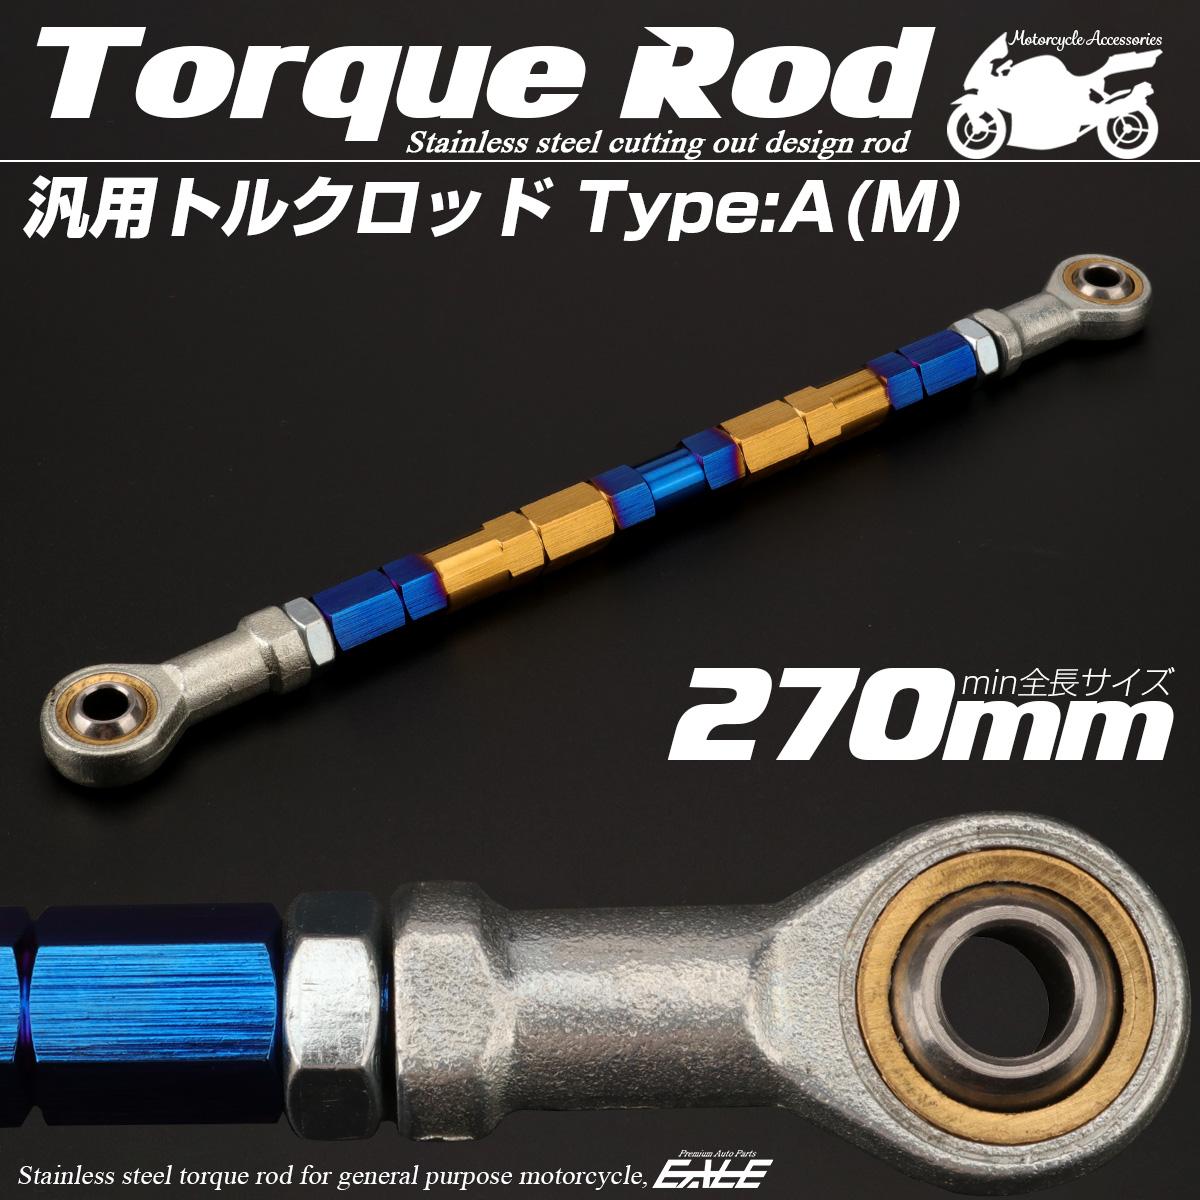 汎用 トルクロッド ステンレス Aタイプ Mサイズ 270mm バイク 二輪 ゴールド&ブルー TH0065